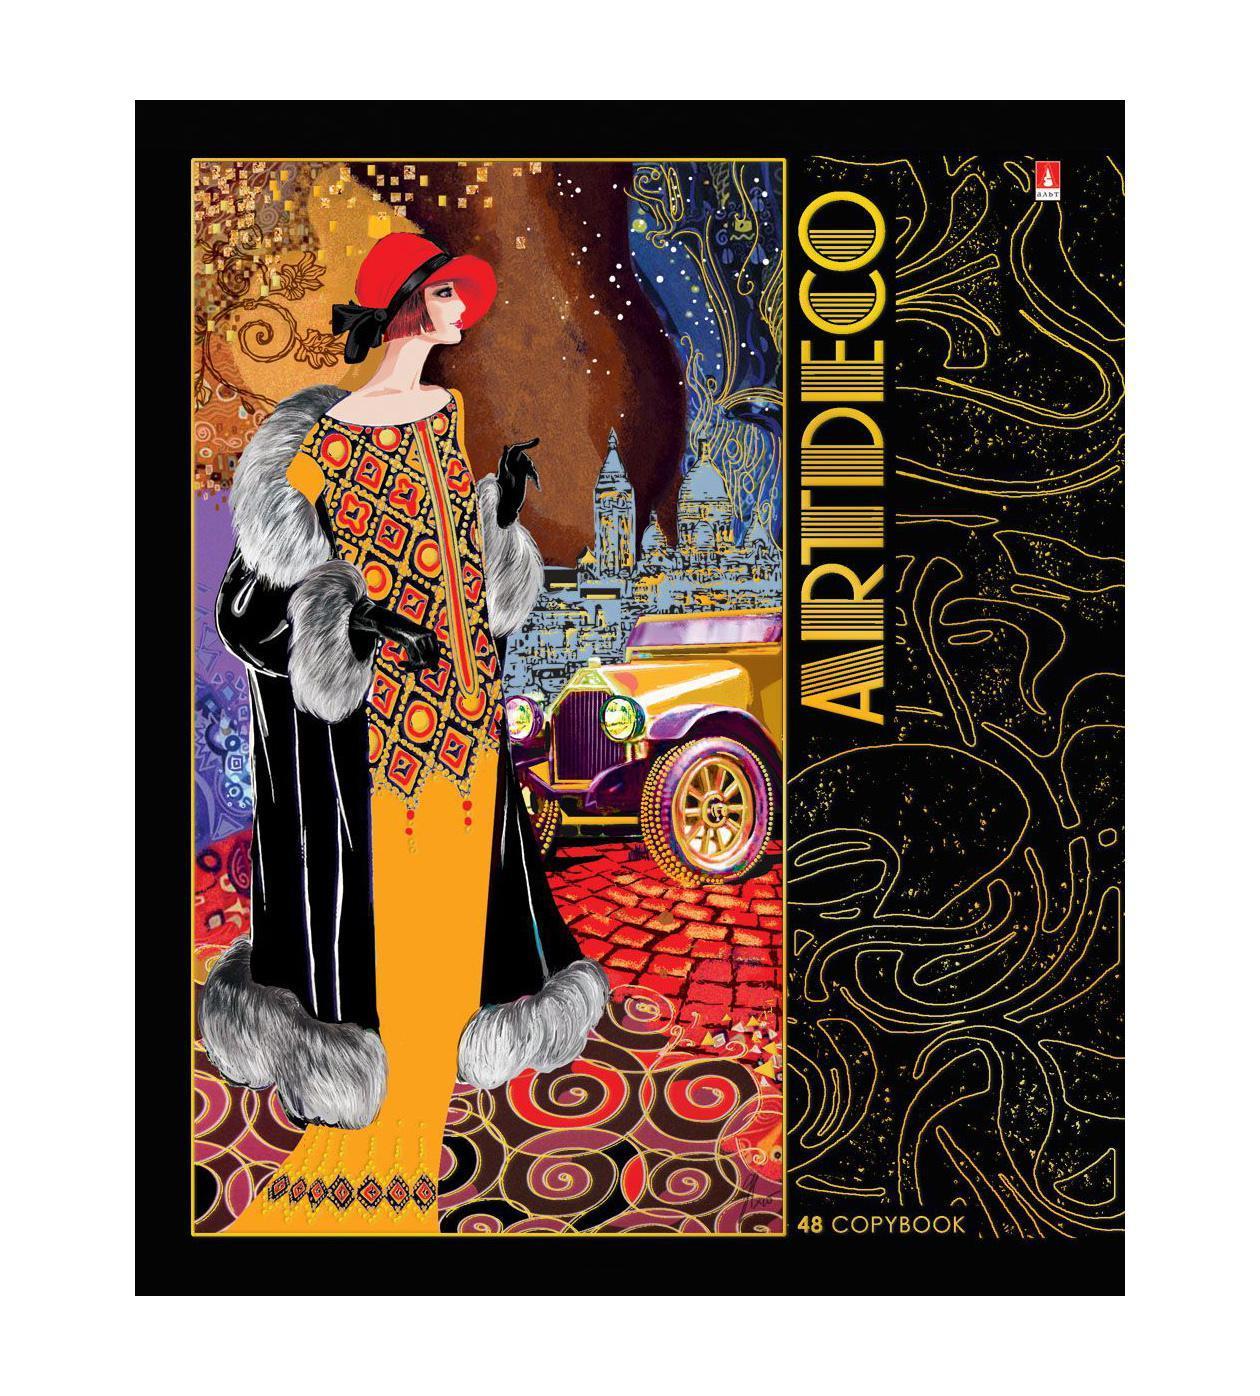 Набор тетрадей Альт Art Deco, 24 листа, 5 штSW121S3Набор тетрадей Альт Art Deco представлен в дизайнерском исполнении. Плотная двойная обложка из картона печатается на фольгированной поверхности, что создает эффект живости и объемности рисунка. Декорирование отдельных деталей производится с помощью гибридного лака и фольги. На внутреннем развороте – поле для информации о владельце. Внутри на скрепках находятся 48 листов из белой мелованной гладкой бумаги плотностью до 65 грамм. Тетради в гламурном оформлении - всегда востребованная продукция у девушек. Стильно оформленная серия Art Deco воспевает популярное до Второй Мировой войны течение в искусстве и живописи. В нарядах дам с обложек знатоки модных тенденций без труда найдут все черты течения Art Deco: обилие орнаментов и буйство красок, этнические узоры и строгие геометрические формы.